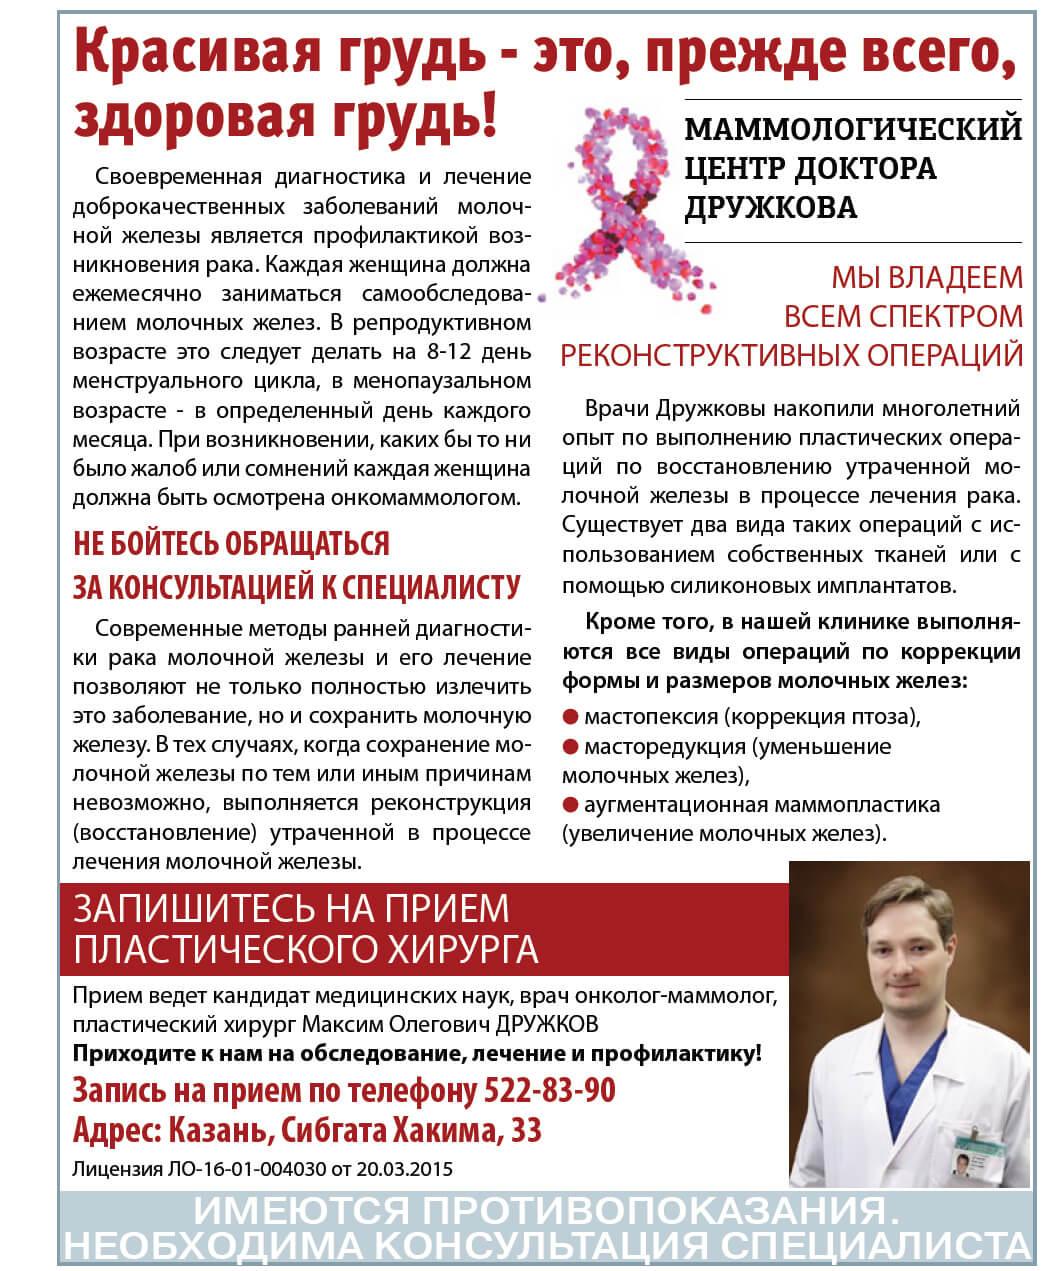 Маммологический центр доктора Дружкова в Казани